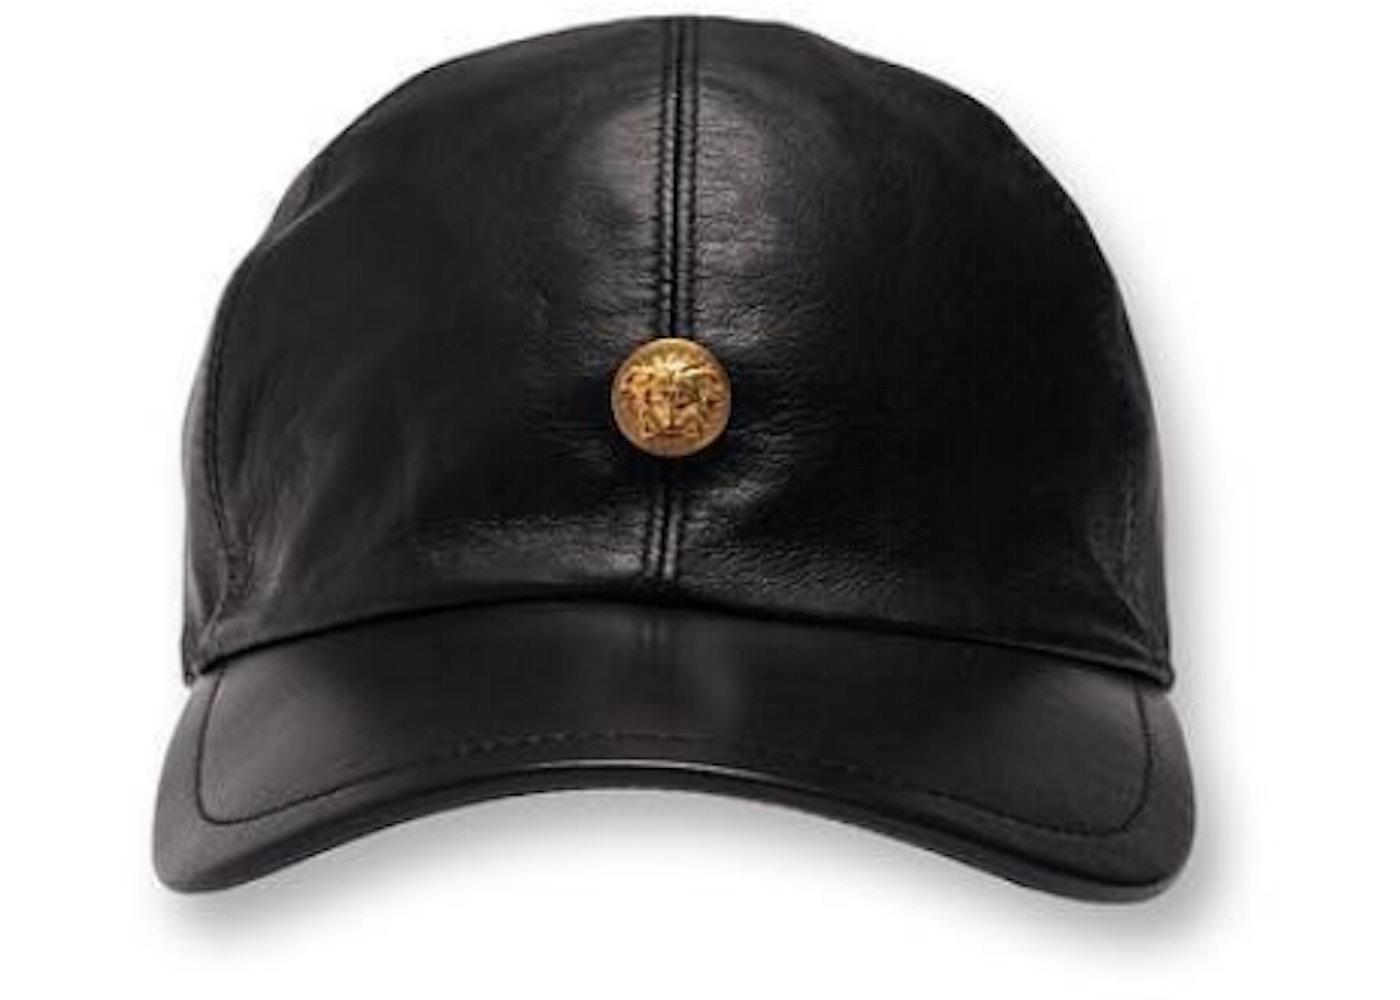 8d9389bb94c1f Streetwear - Kith Headwear - New Highest Bids